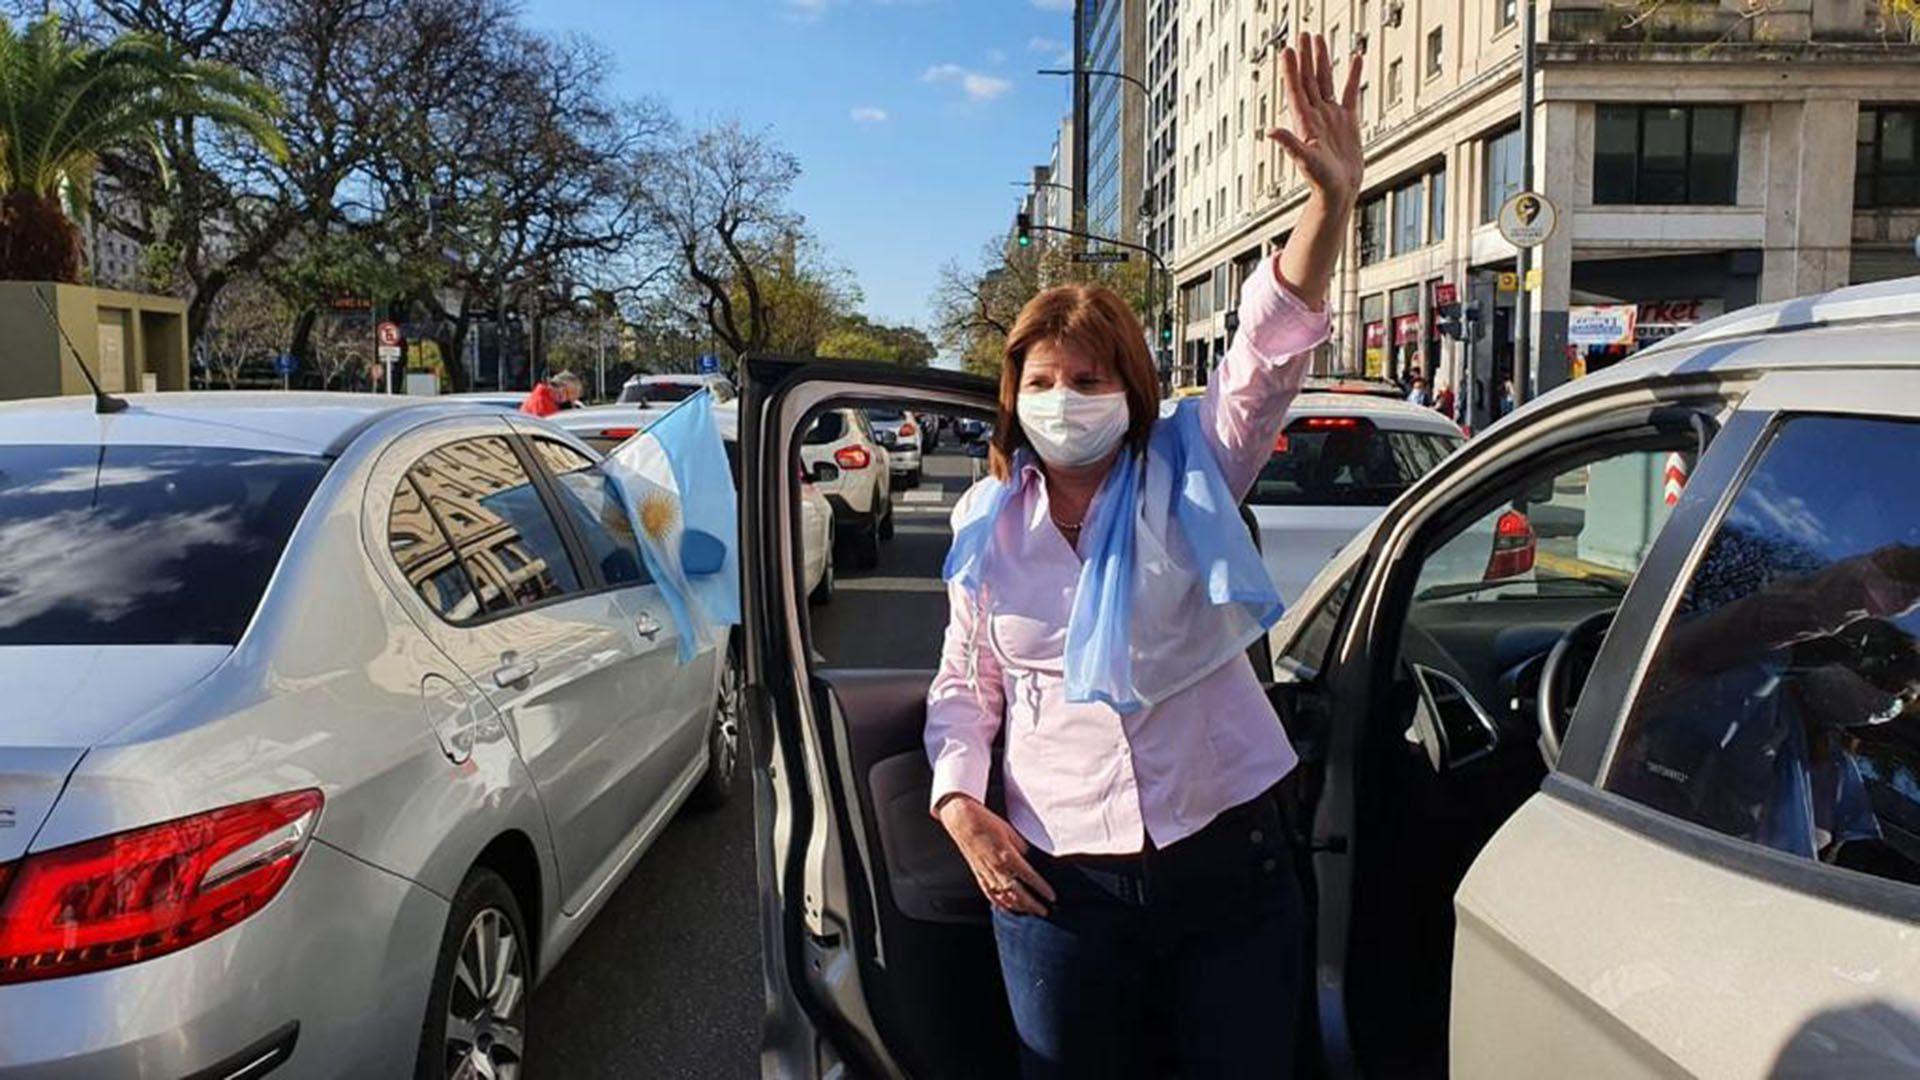 Marcha - Banderazo contra el gobierno - 12 de octubre - Patricia Bullrich